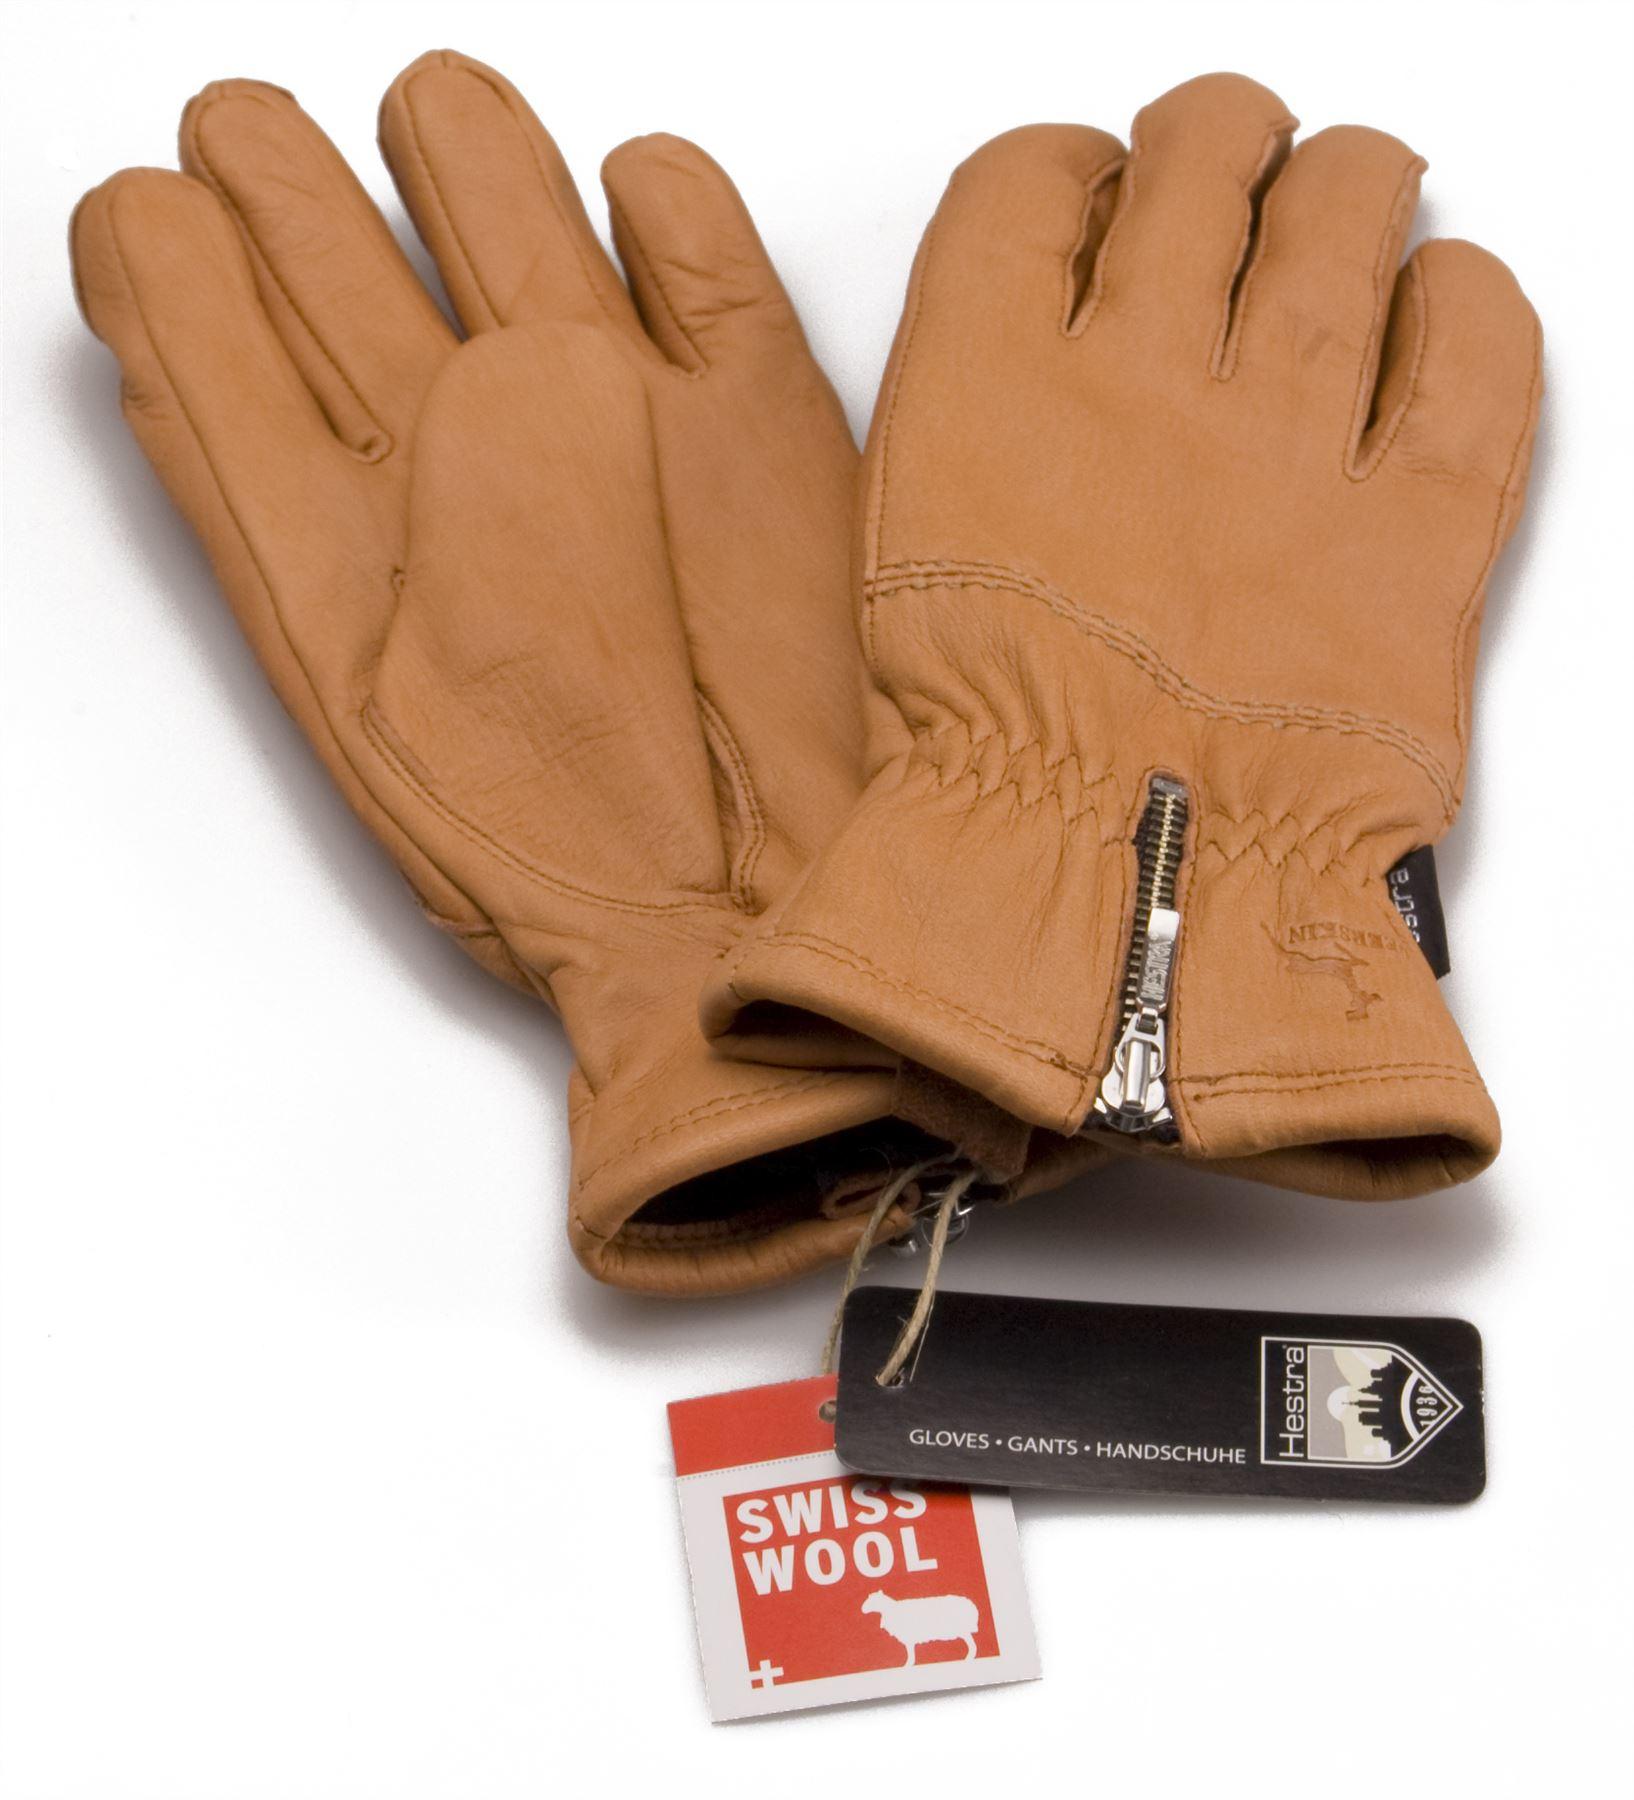 Womens beige leather gloves - Hestra Ladies Real Deerskin Leather Gloves Merino Wool